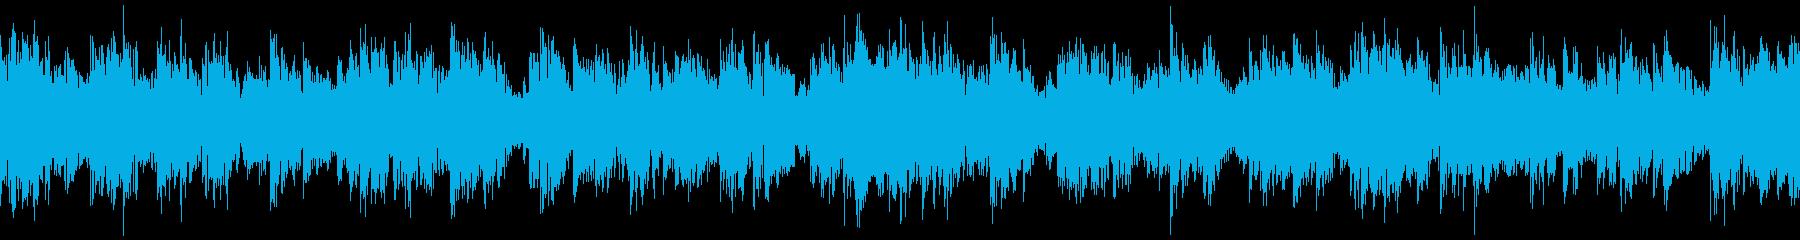 ピンチ・緊張した場面のBGM その10の再生済みの波形